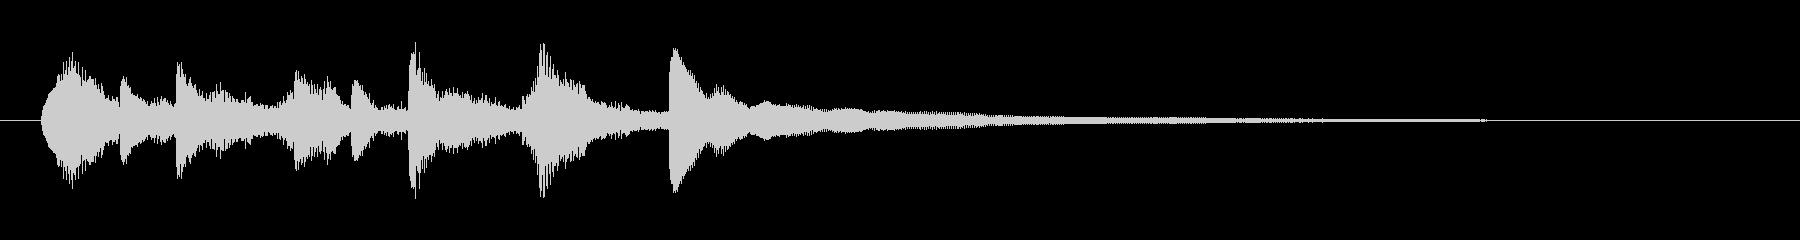 【19世紀ギター】旅の途中なイメージの未再生の波形